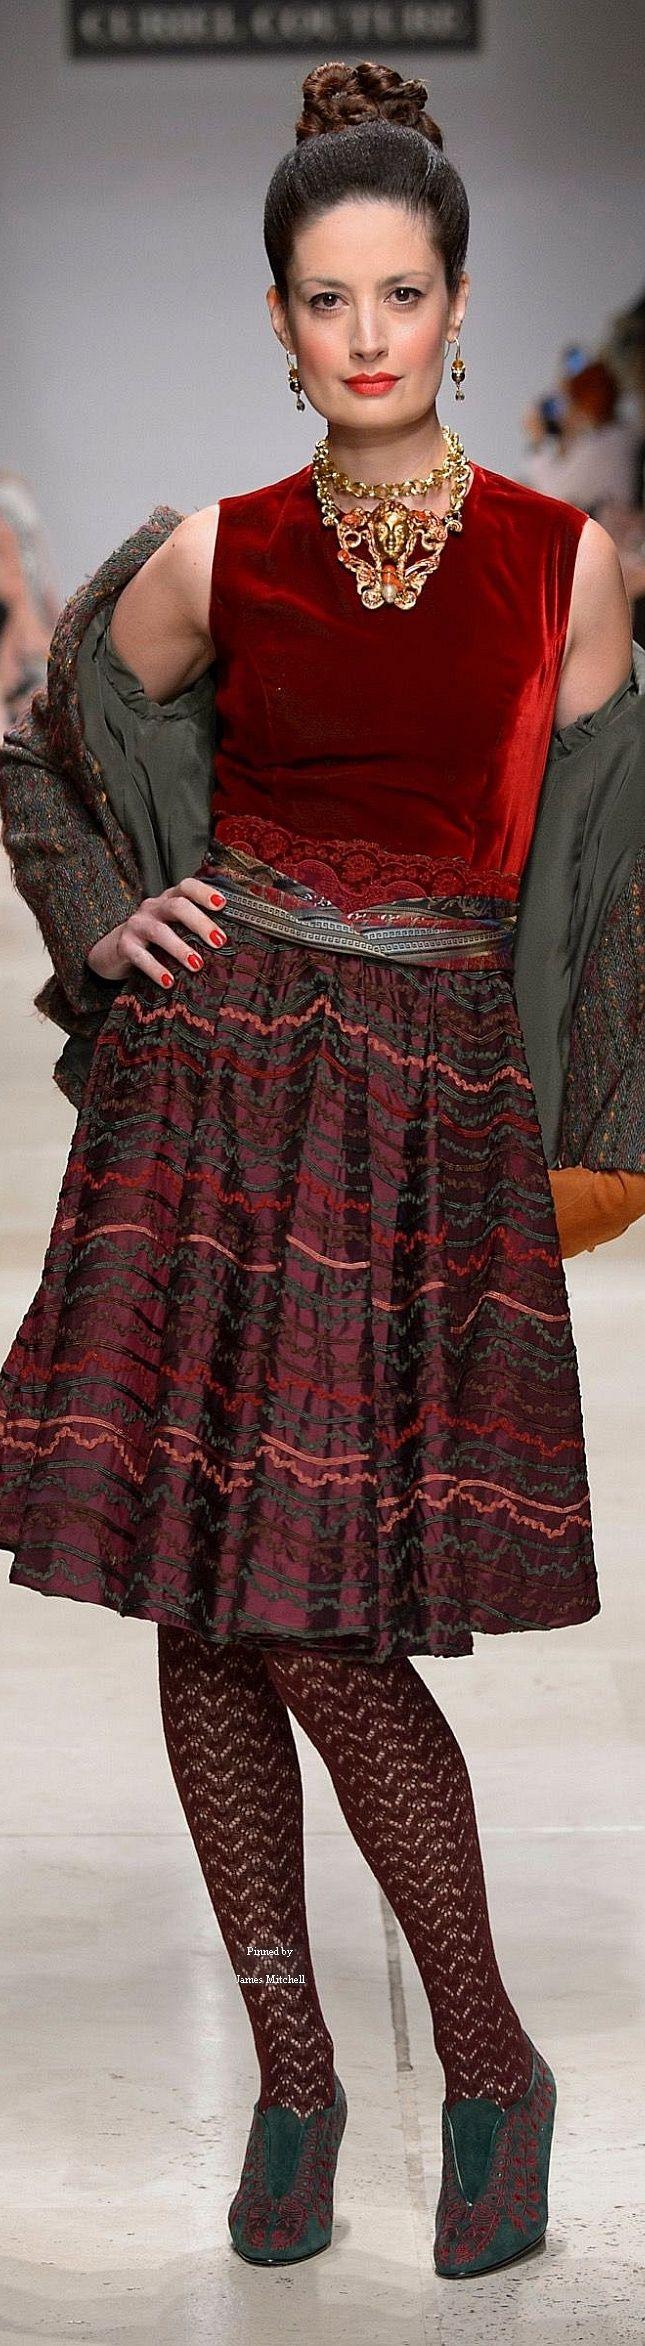 Innenfarben für die halle  best vestidos hermosos images on pinterest  formal prom dresses